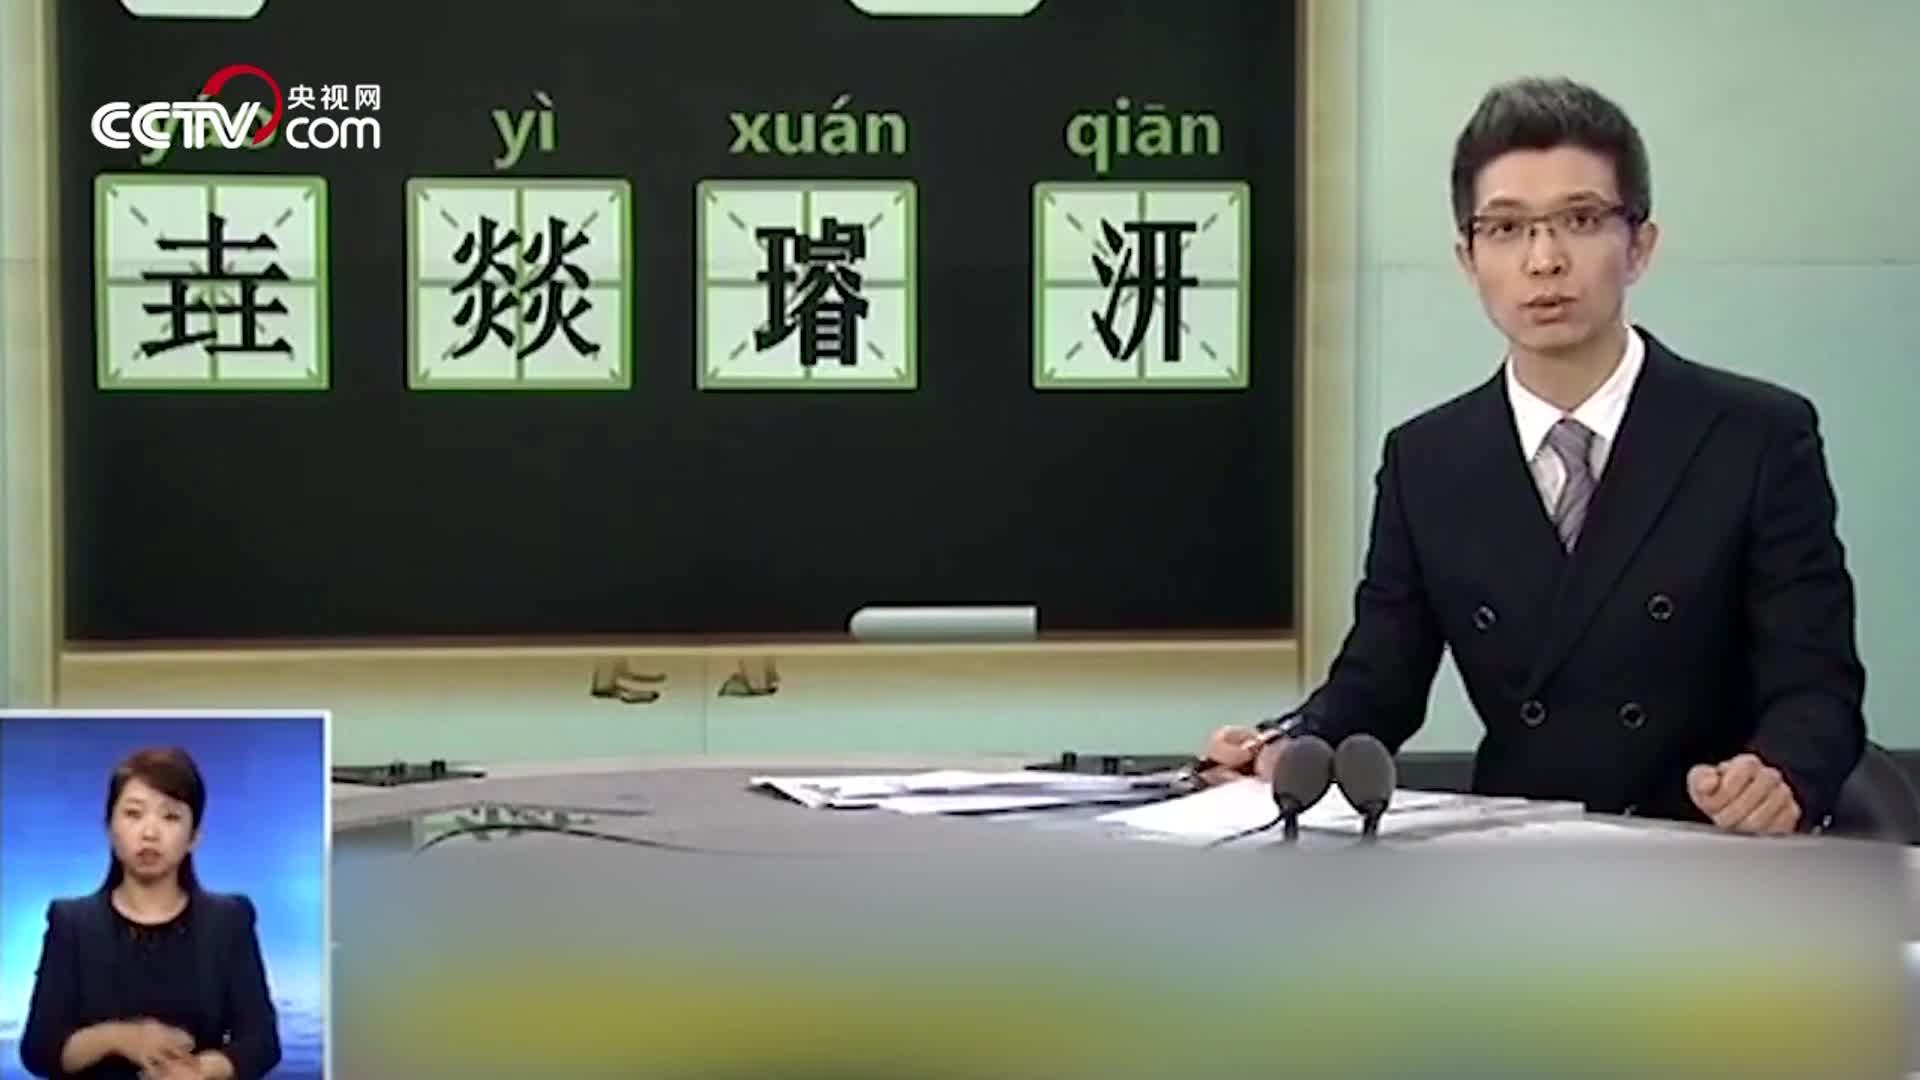 """[视频]央视""""段子手""""朱广权谈开学那点事儿:老师点名撕心裂肺"""